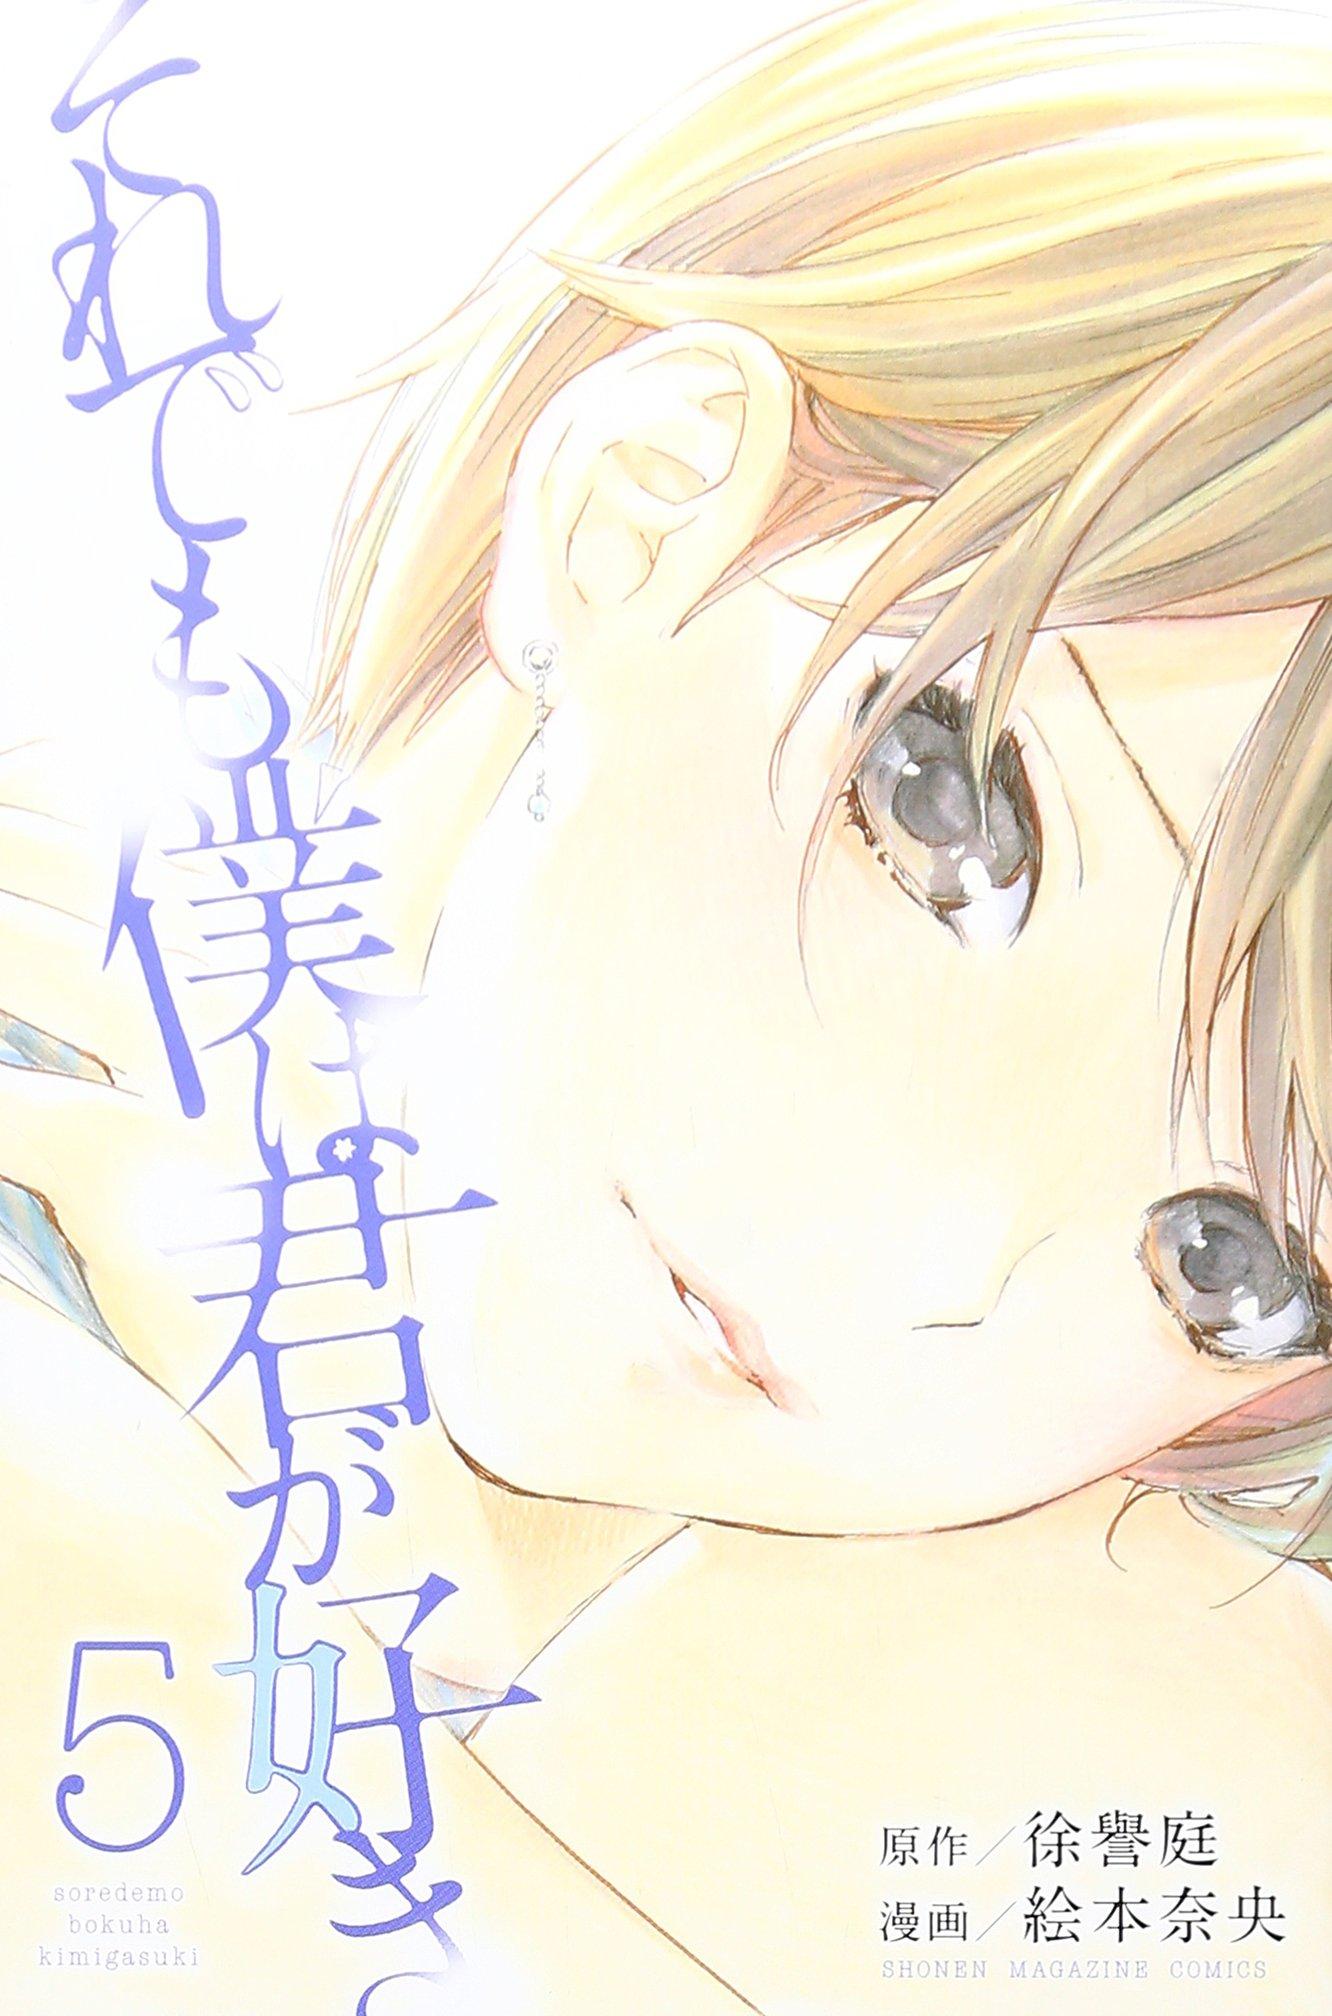 『それでも僕は君が好き』芹澤は過去の恋愛で何に気づくのか